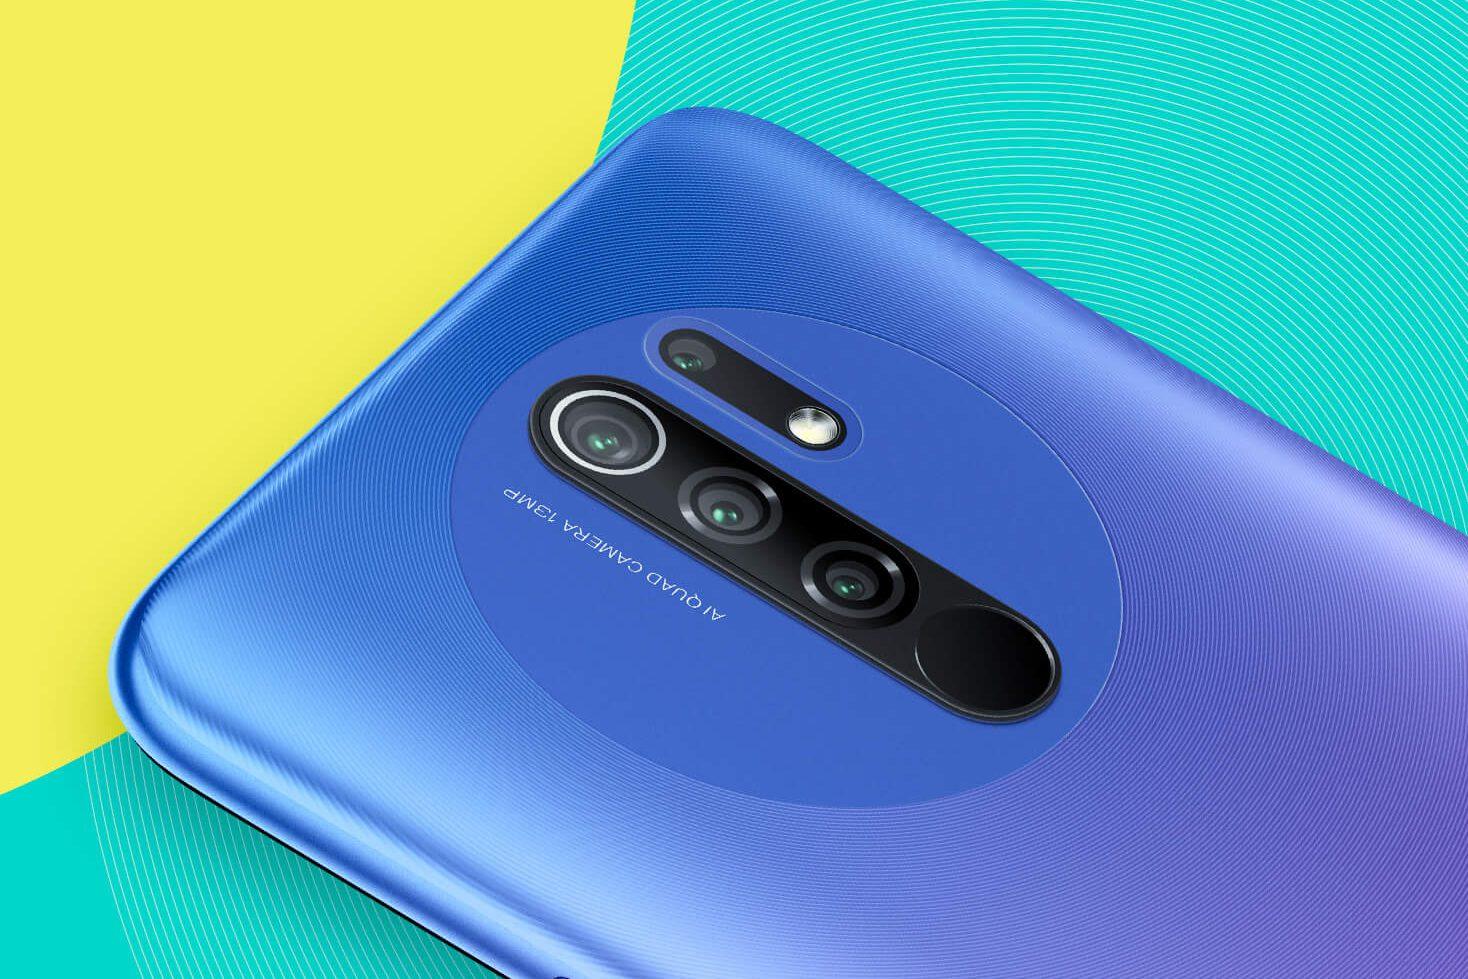 Международные варианты Redmi 9 начинают получать обновление Android 11